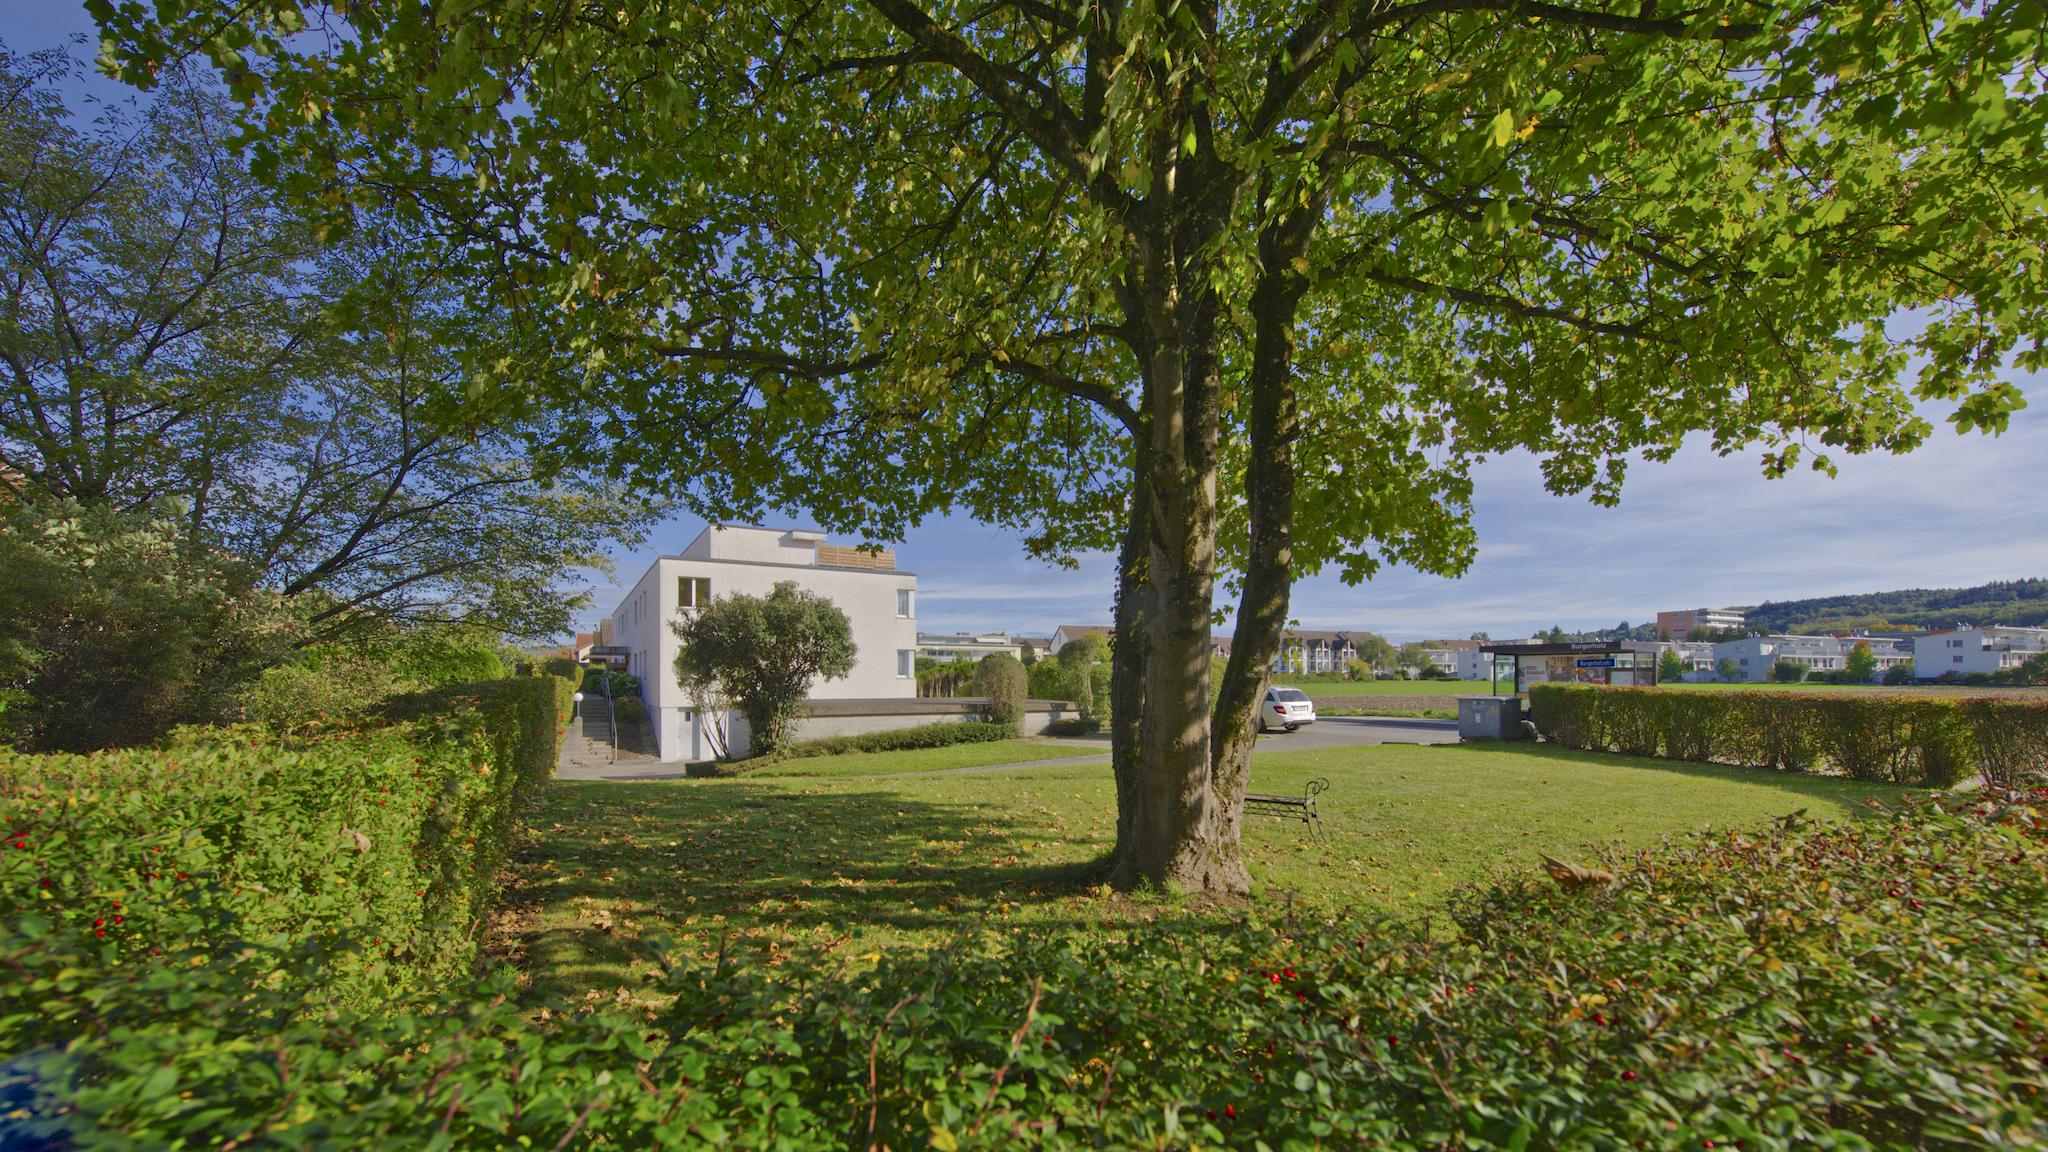 Blick über die Spielwiese (gehört zum Haus) auf das Mehrfamilienhaus